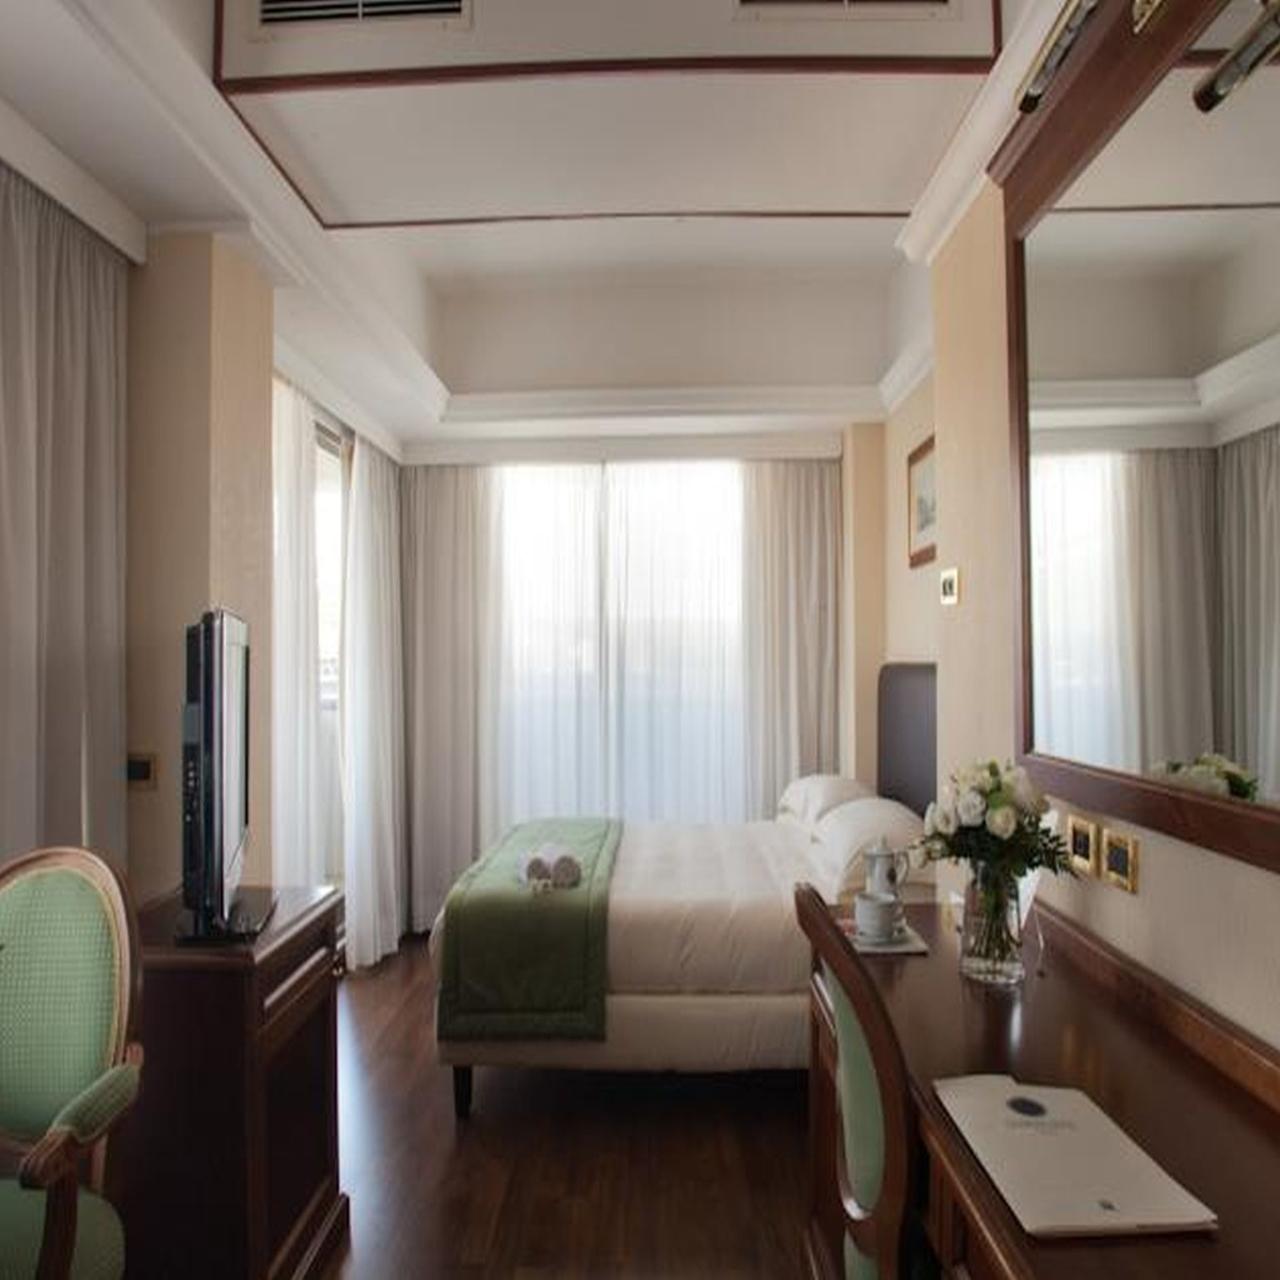 Casa Coppola Roma Rm ih hotels roma cicerone - 4 hrs star hotel in rome (lazio)